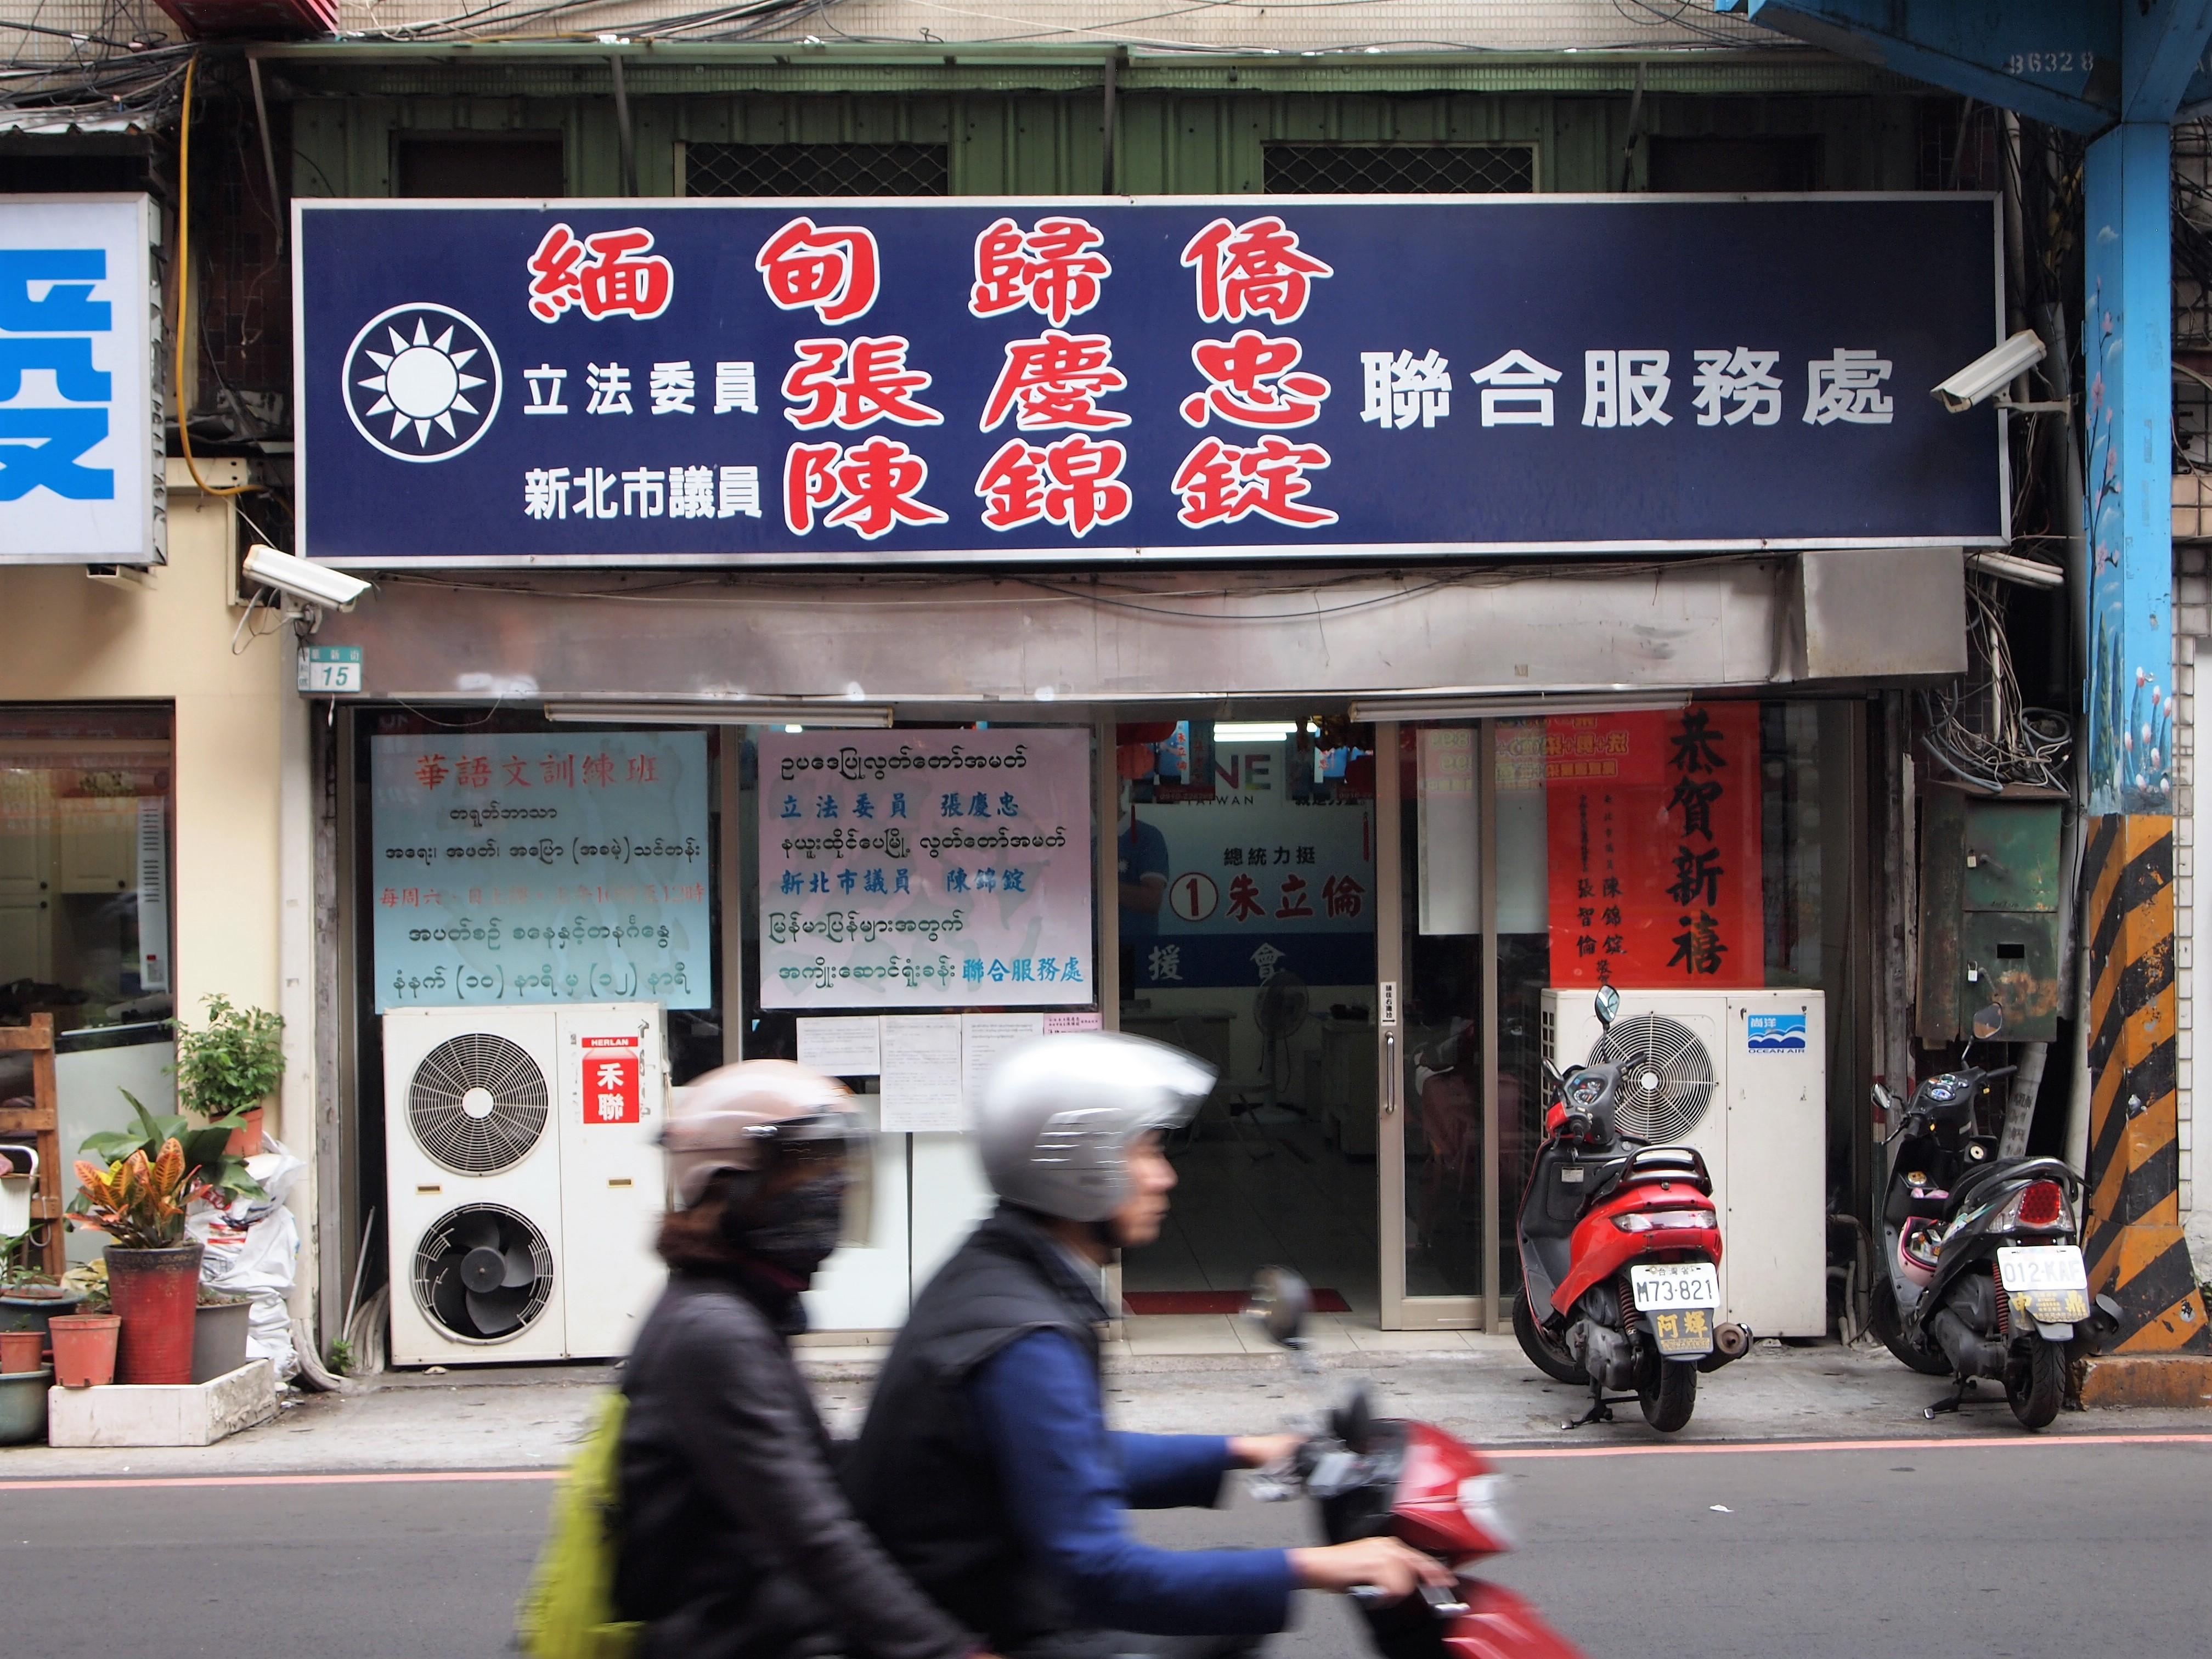 Taiwan's 'Little Burma'